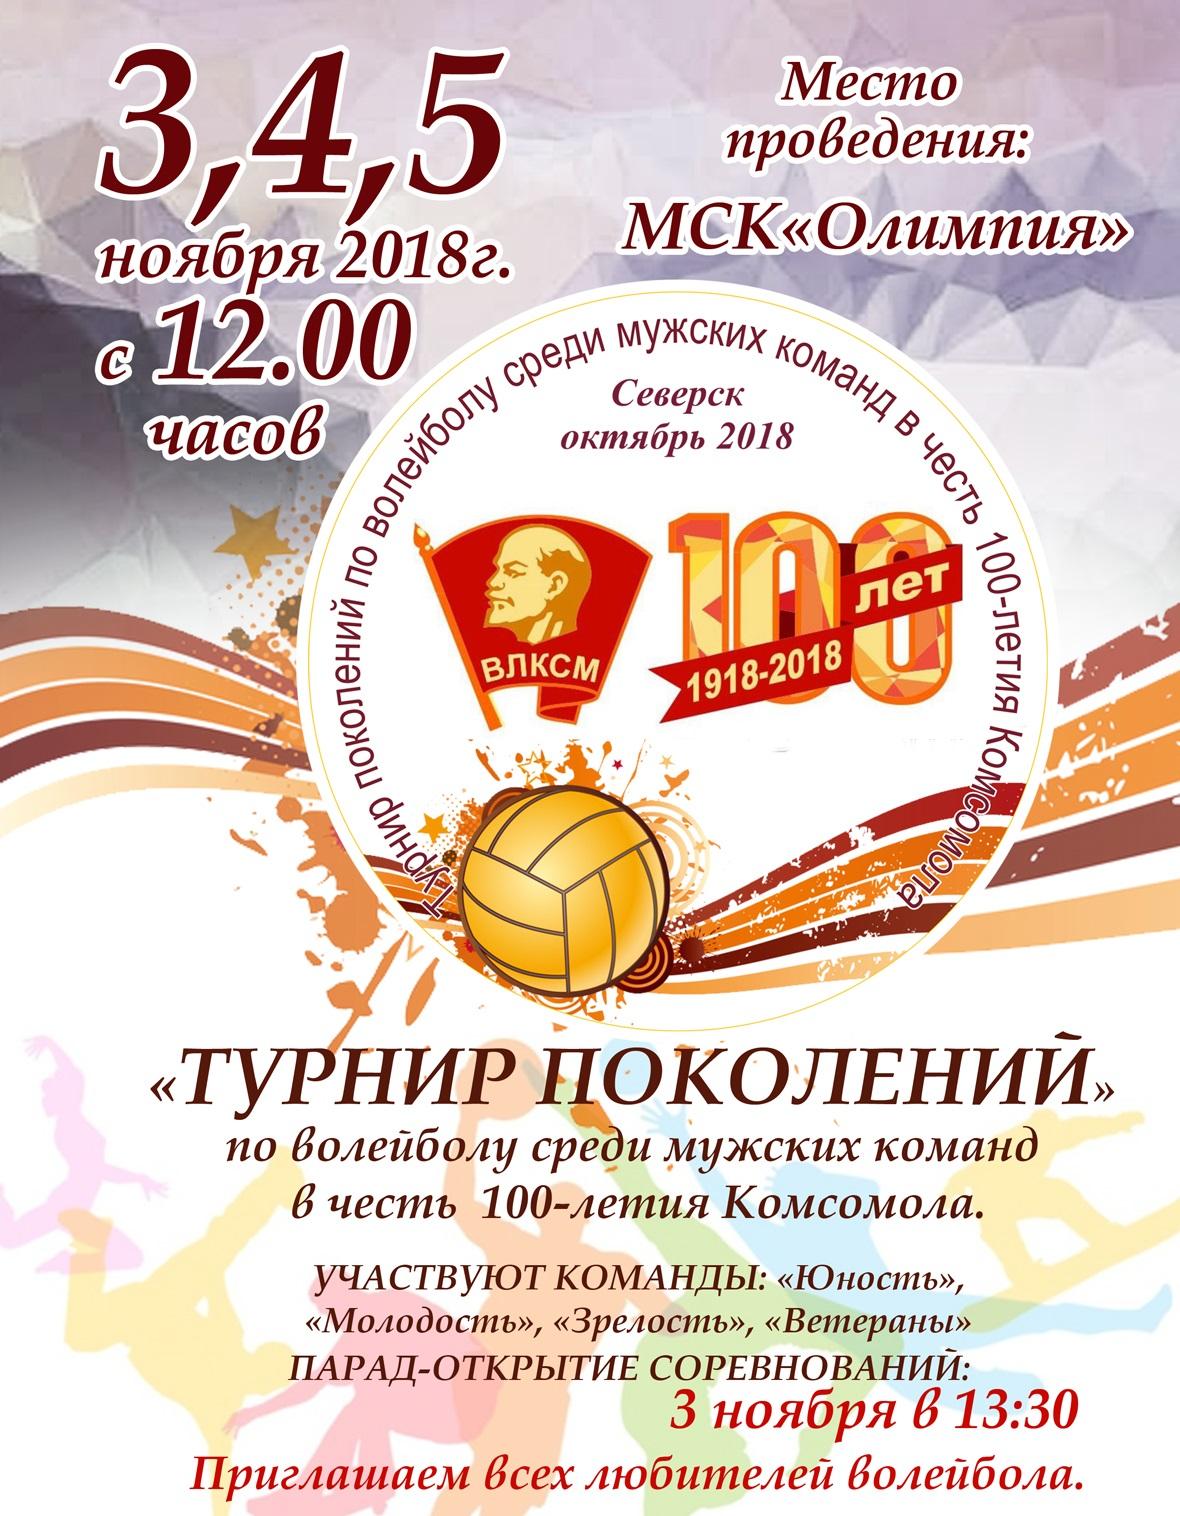 «Турнир поколений» по волейболу среди мужских команд в честь 100-летия ВЛКСМ